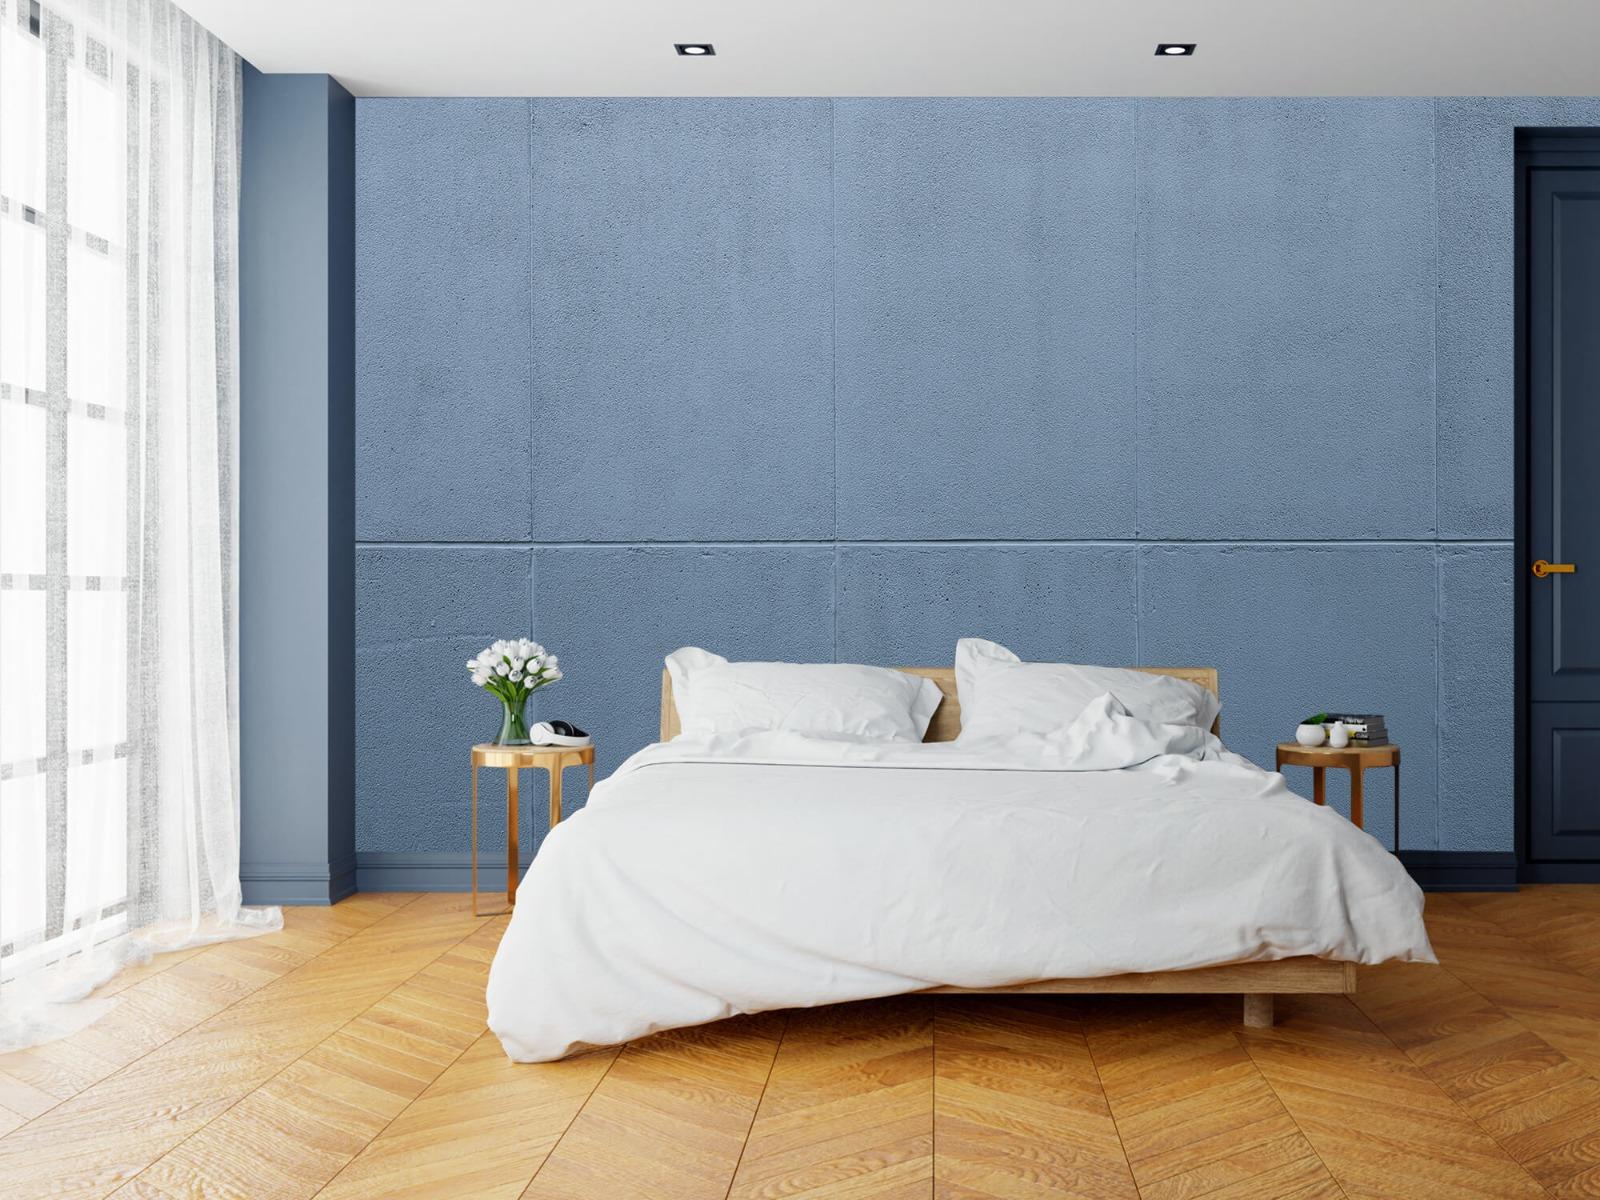 Betonlook behang - Geschilderde betonnen platen - Kantoor 19